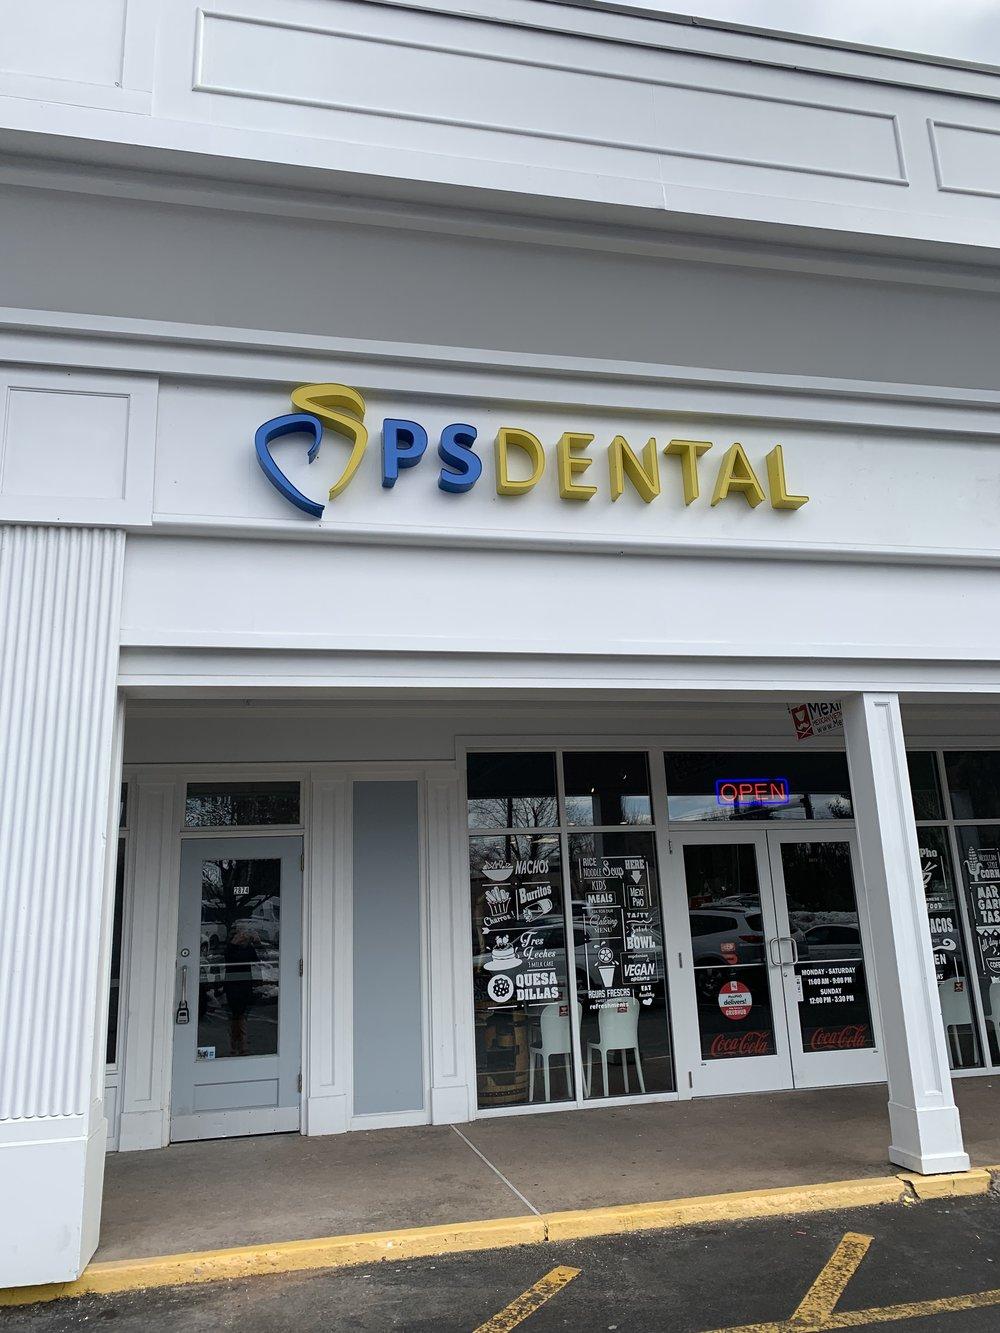 ps dental.jpg